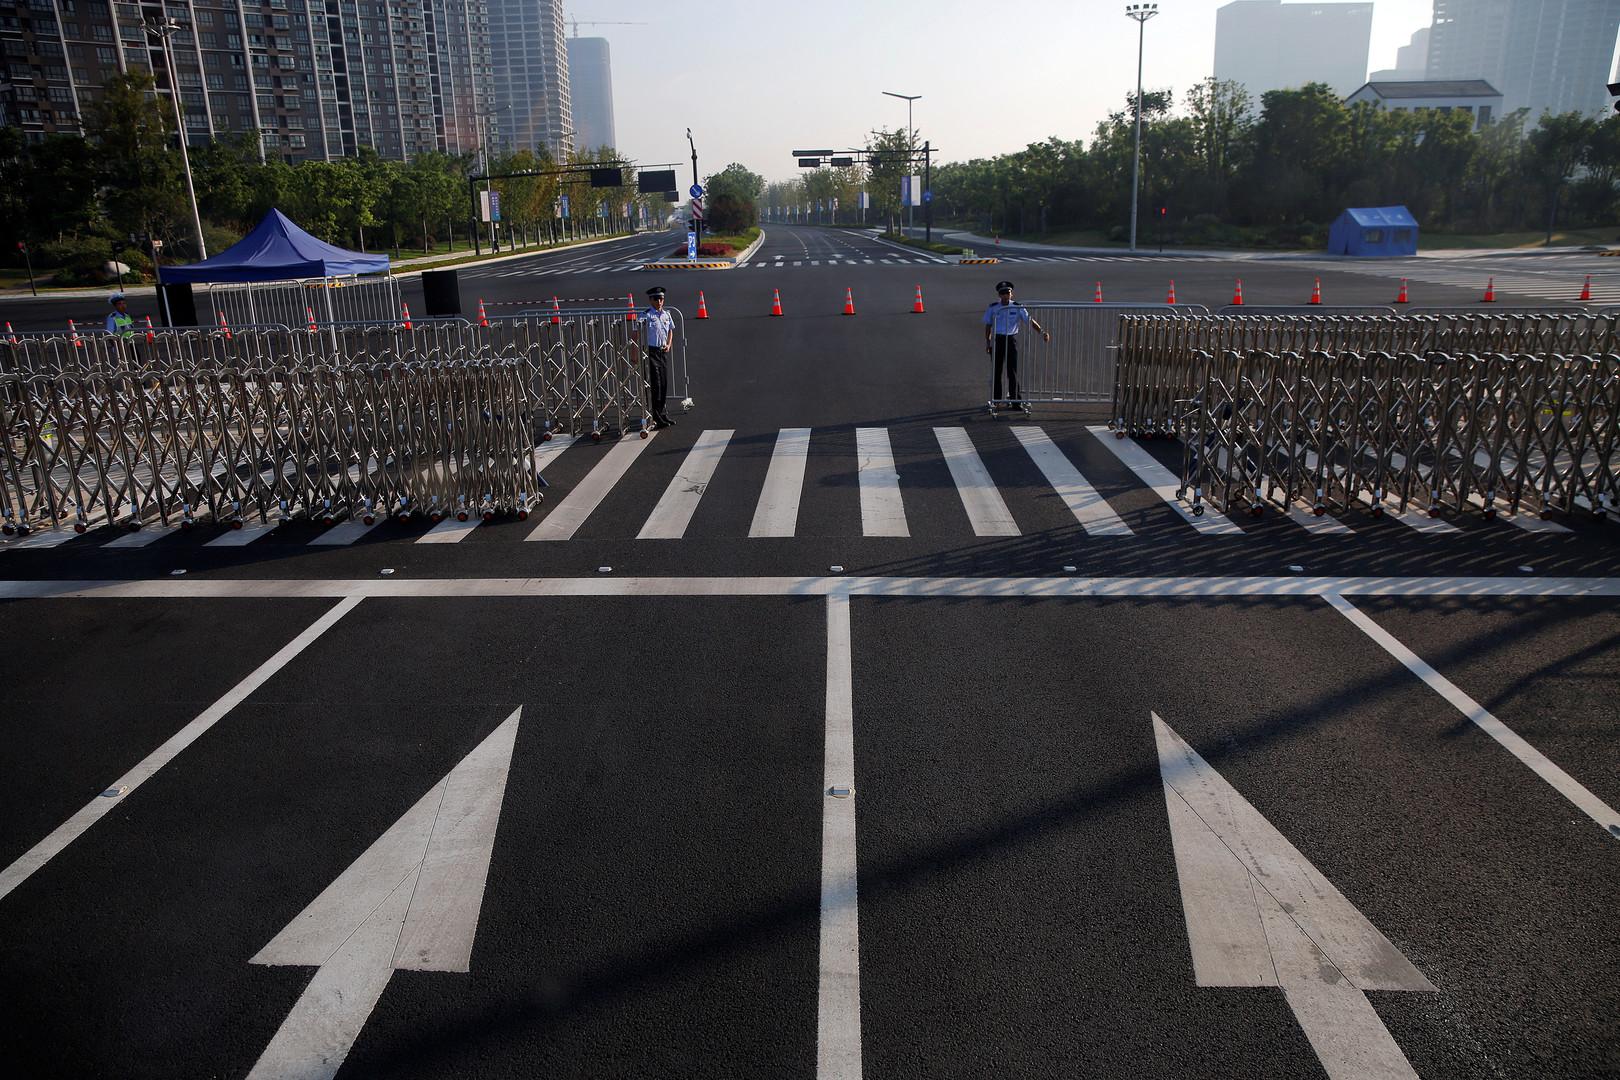 Polizisten überwachen eine Zufahrtstraße zum Veranstaltungsort des G20-Gipfels